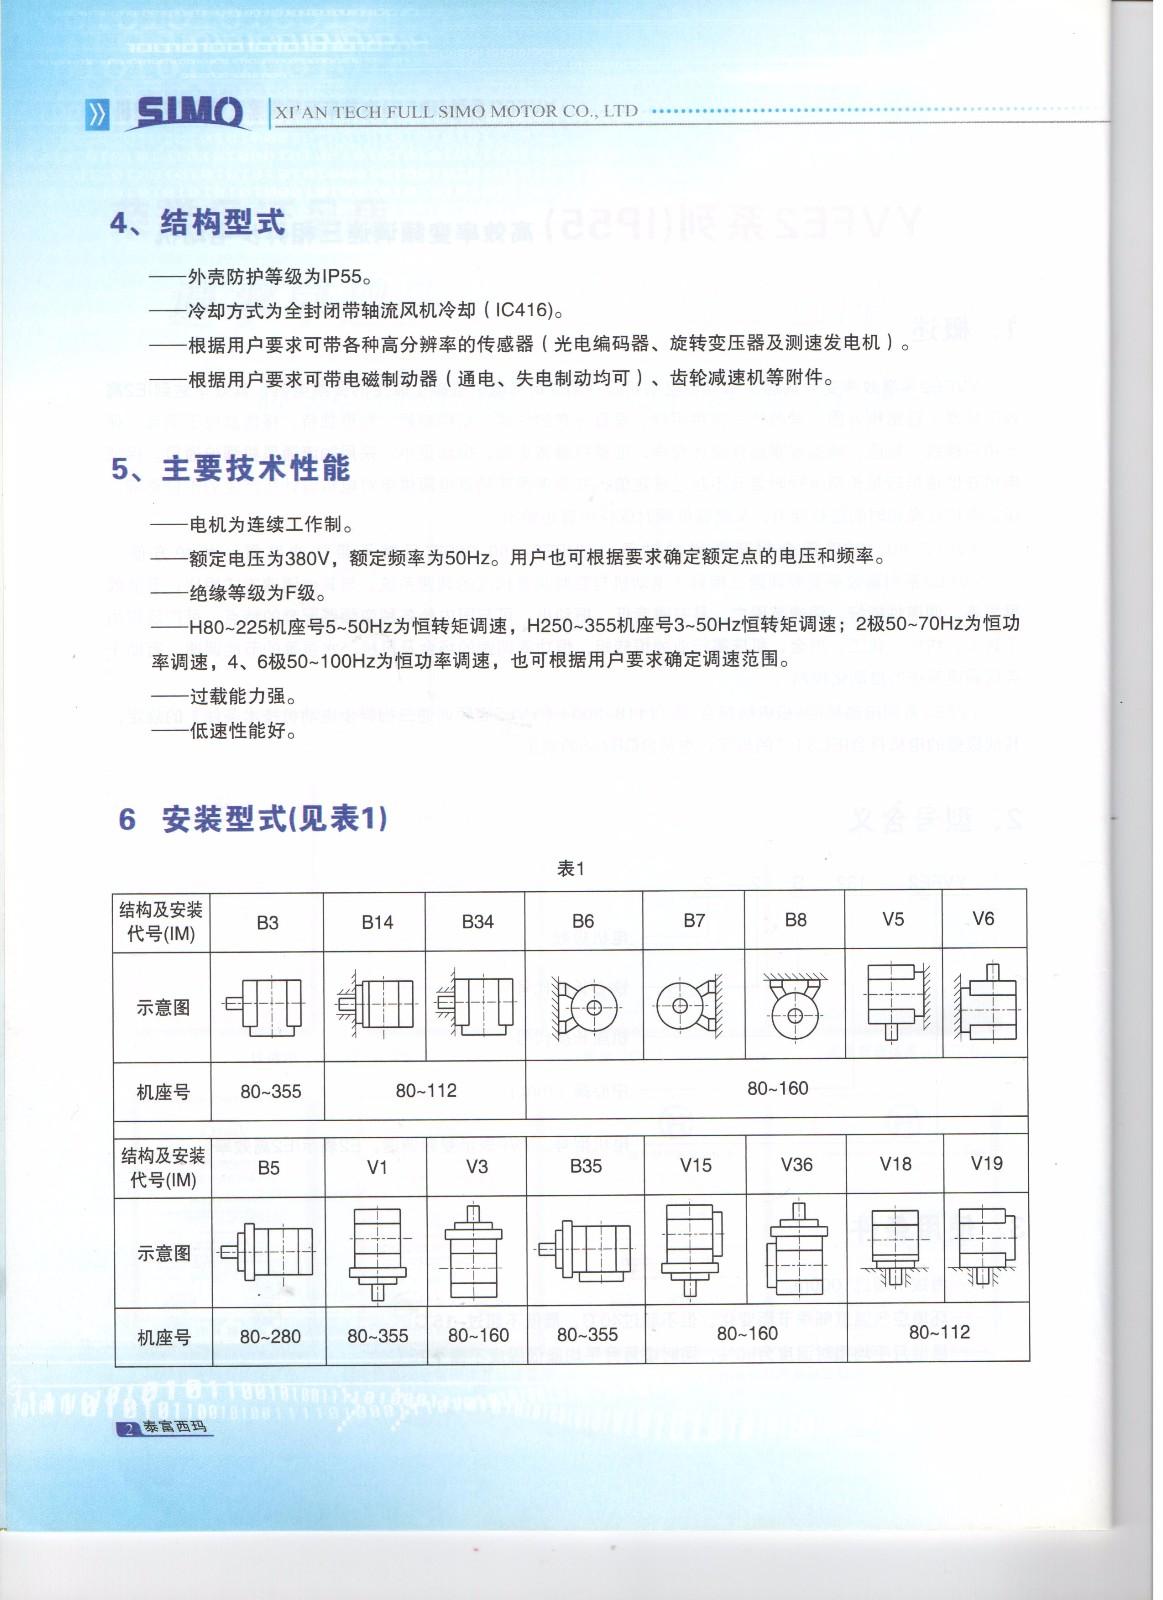 YVFE2系列变频调速三相异步电机|三相异步电机-陕西西玛电气制造有限责任公司